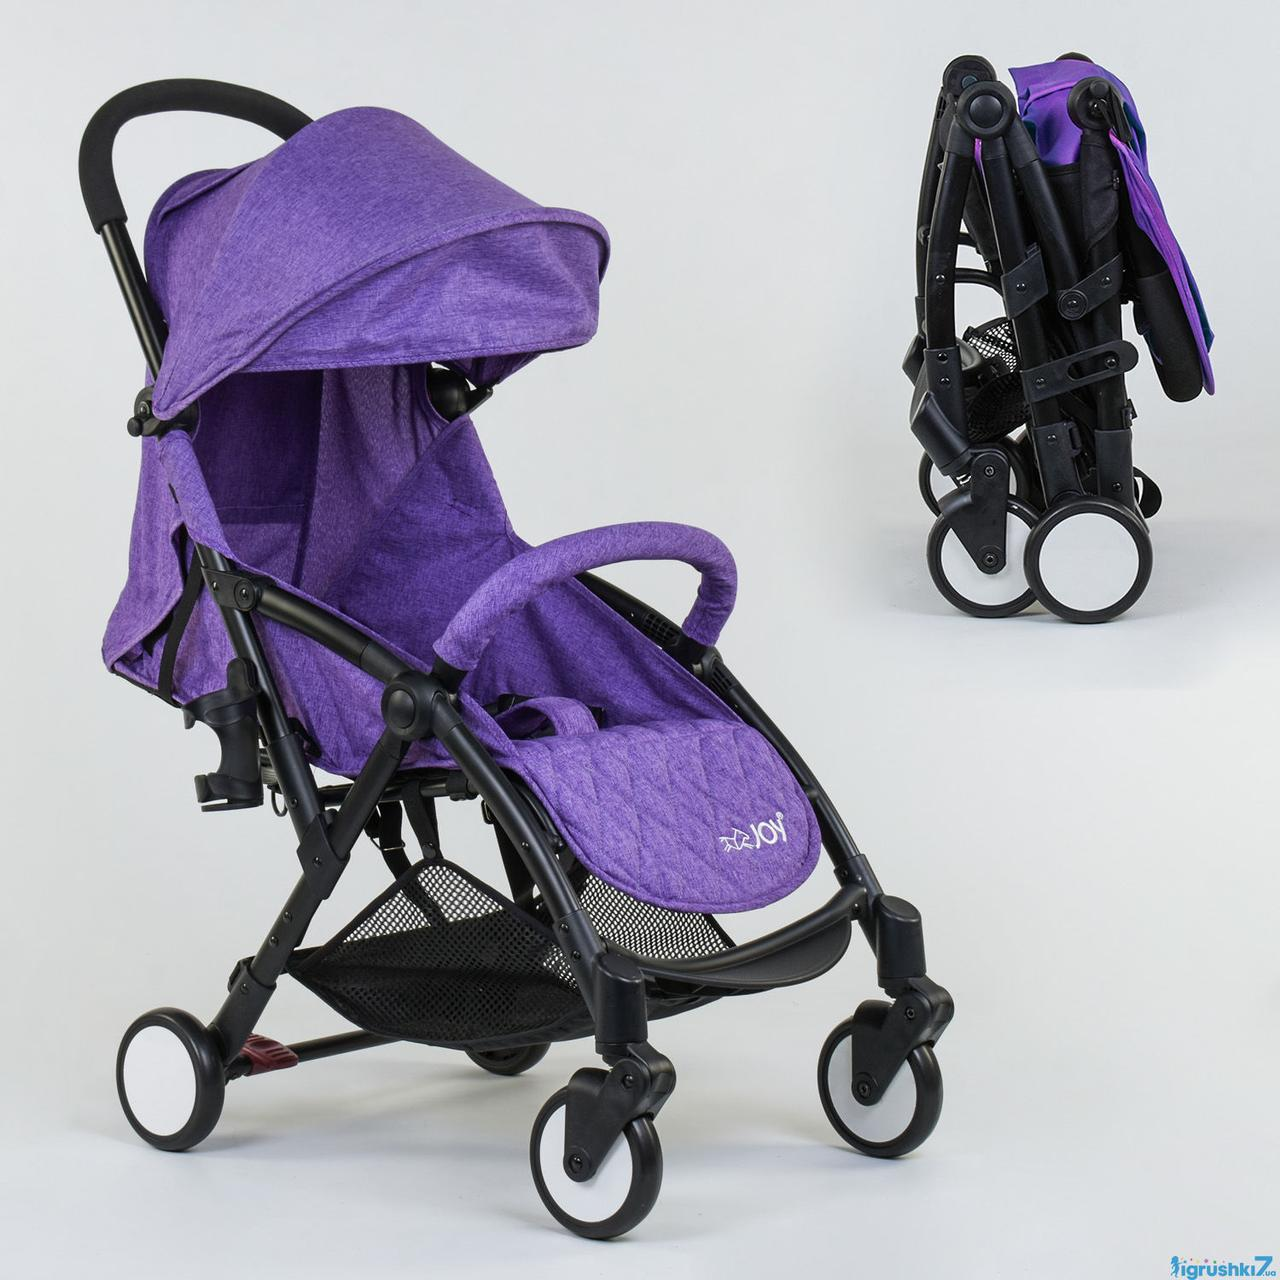 Коляска прогулочная детская W 2277 JOY чехол на ножки фиолетовая